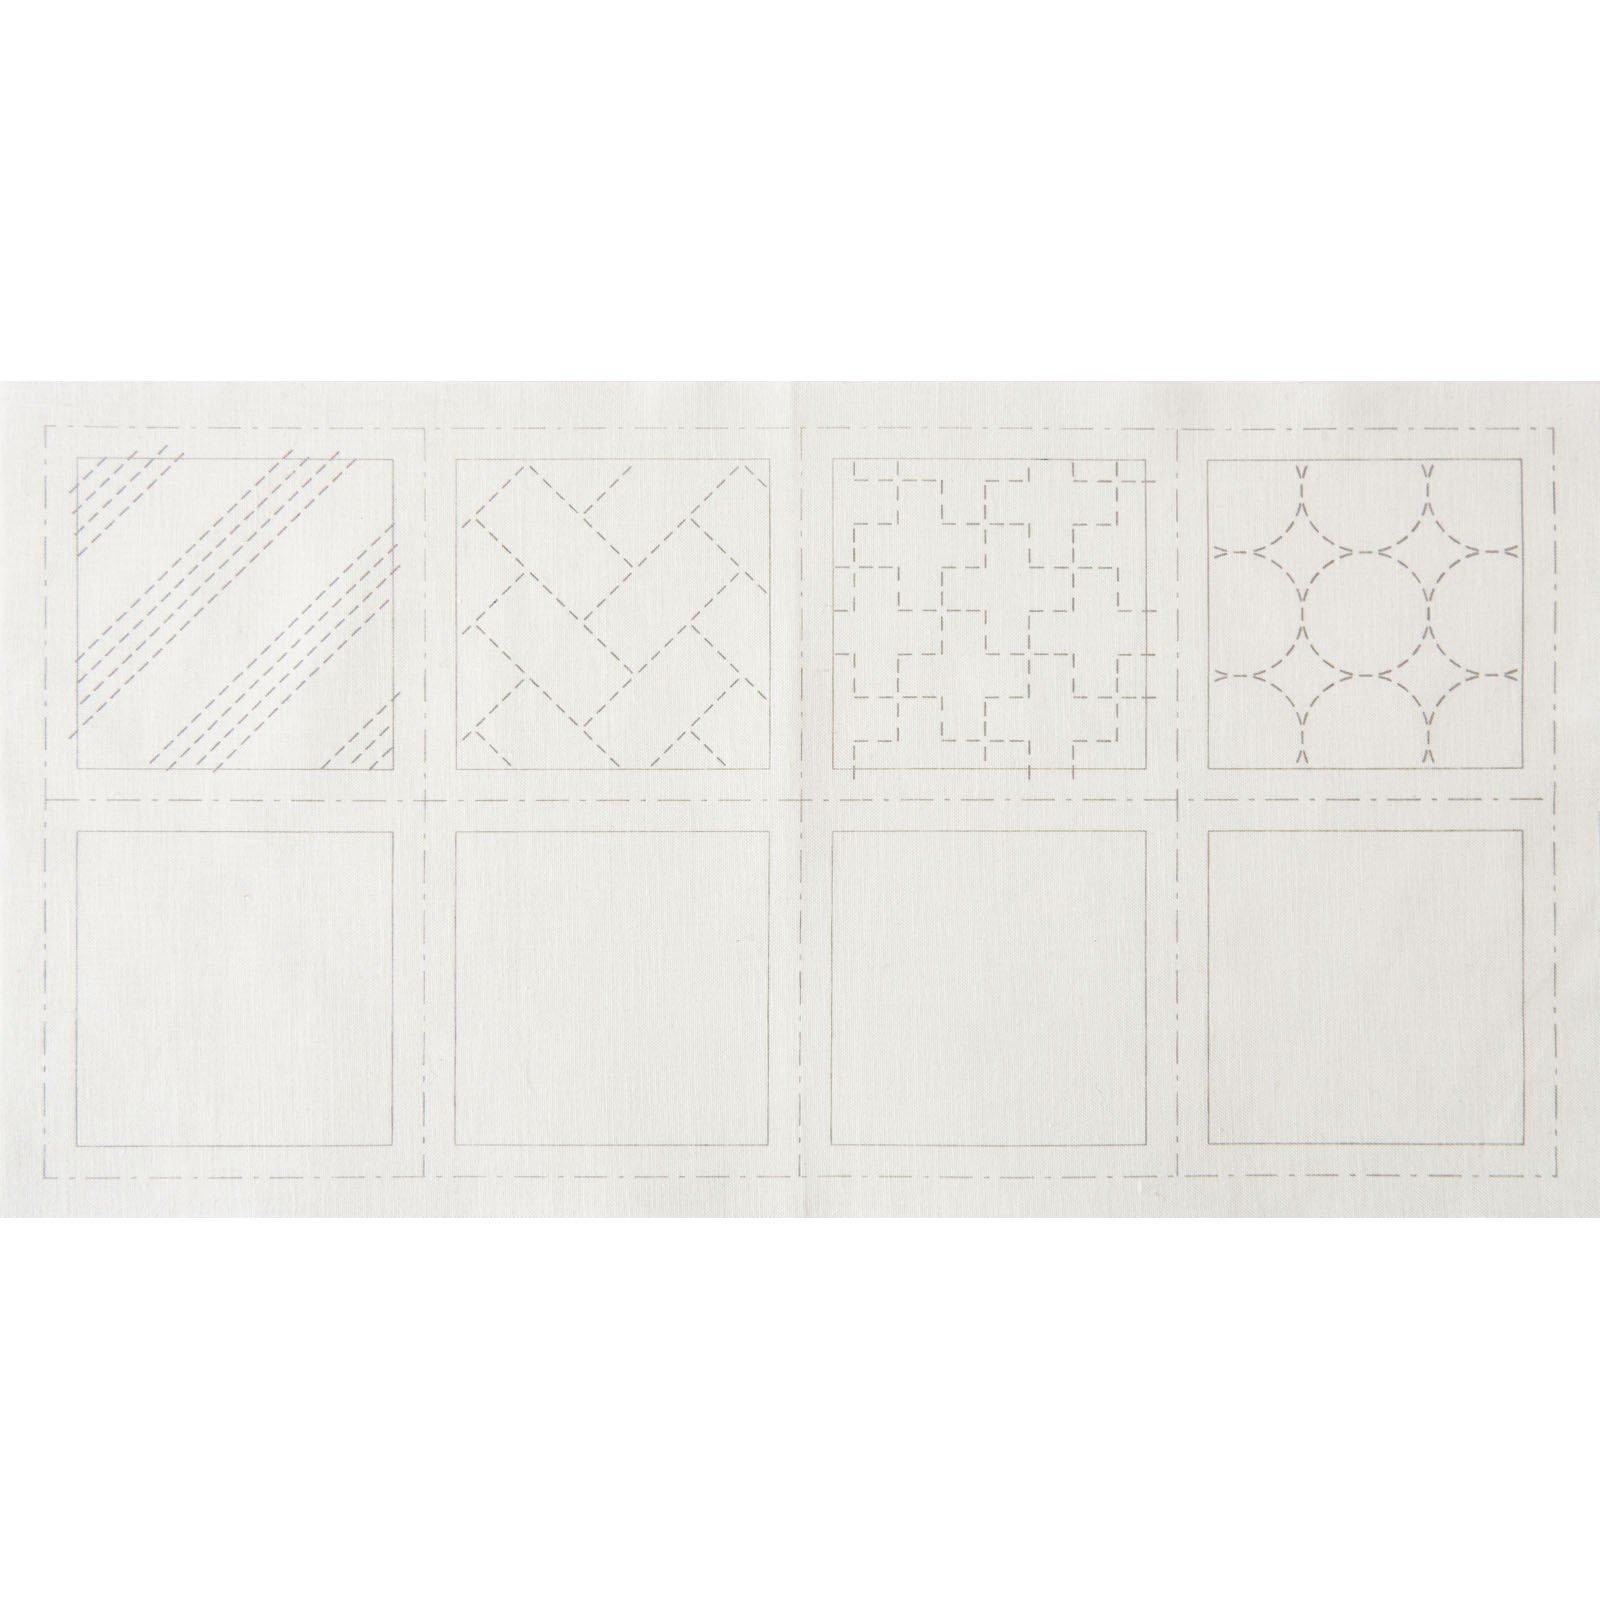 Hidamari Sashiko Pre-Printed Coaster Set #1 on White - LEN98901